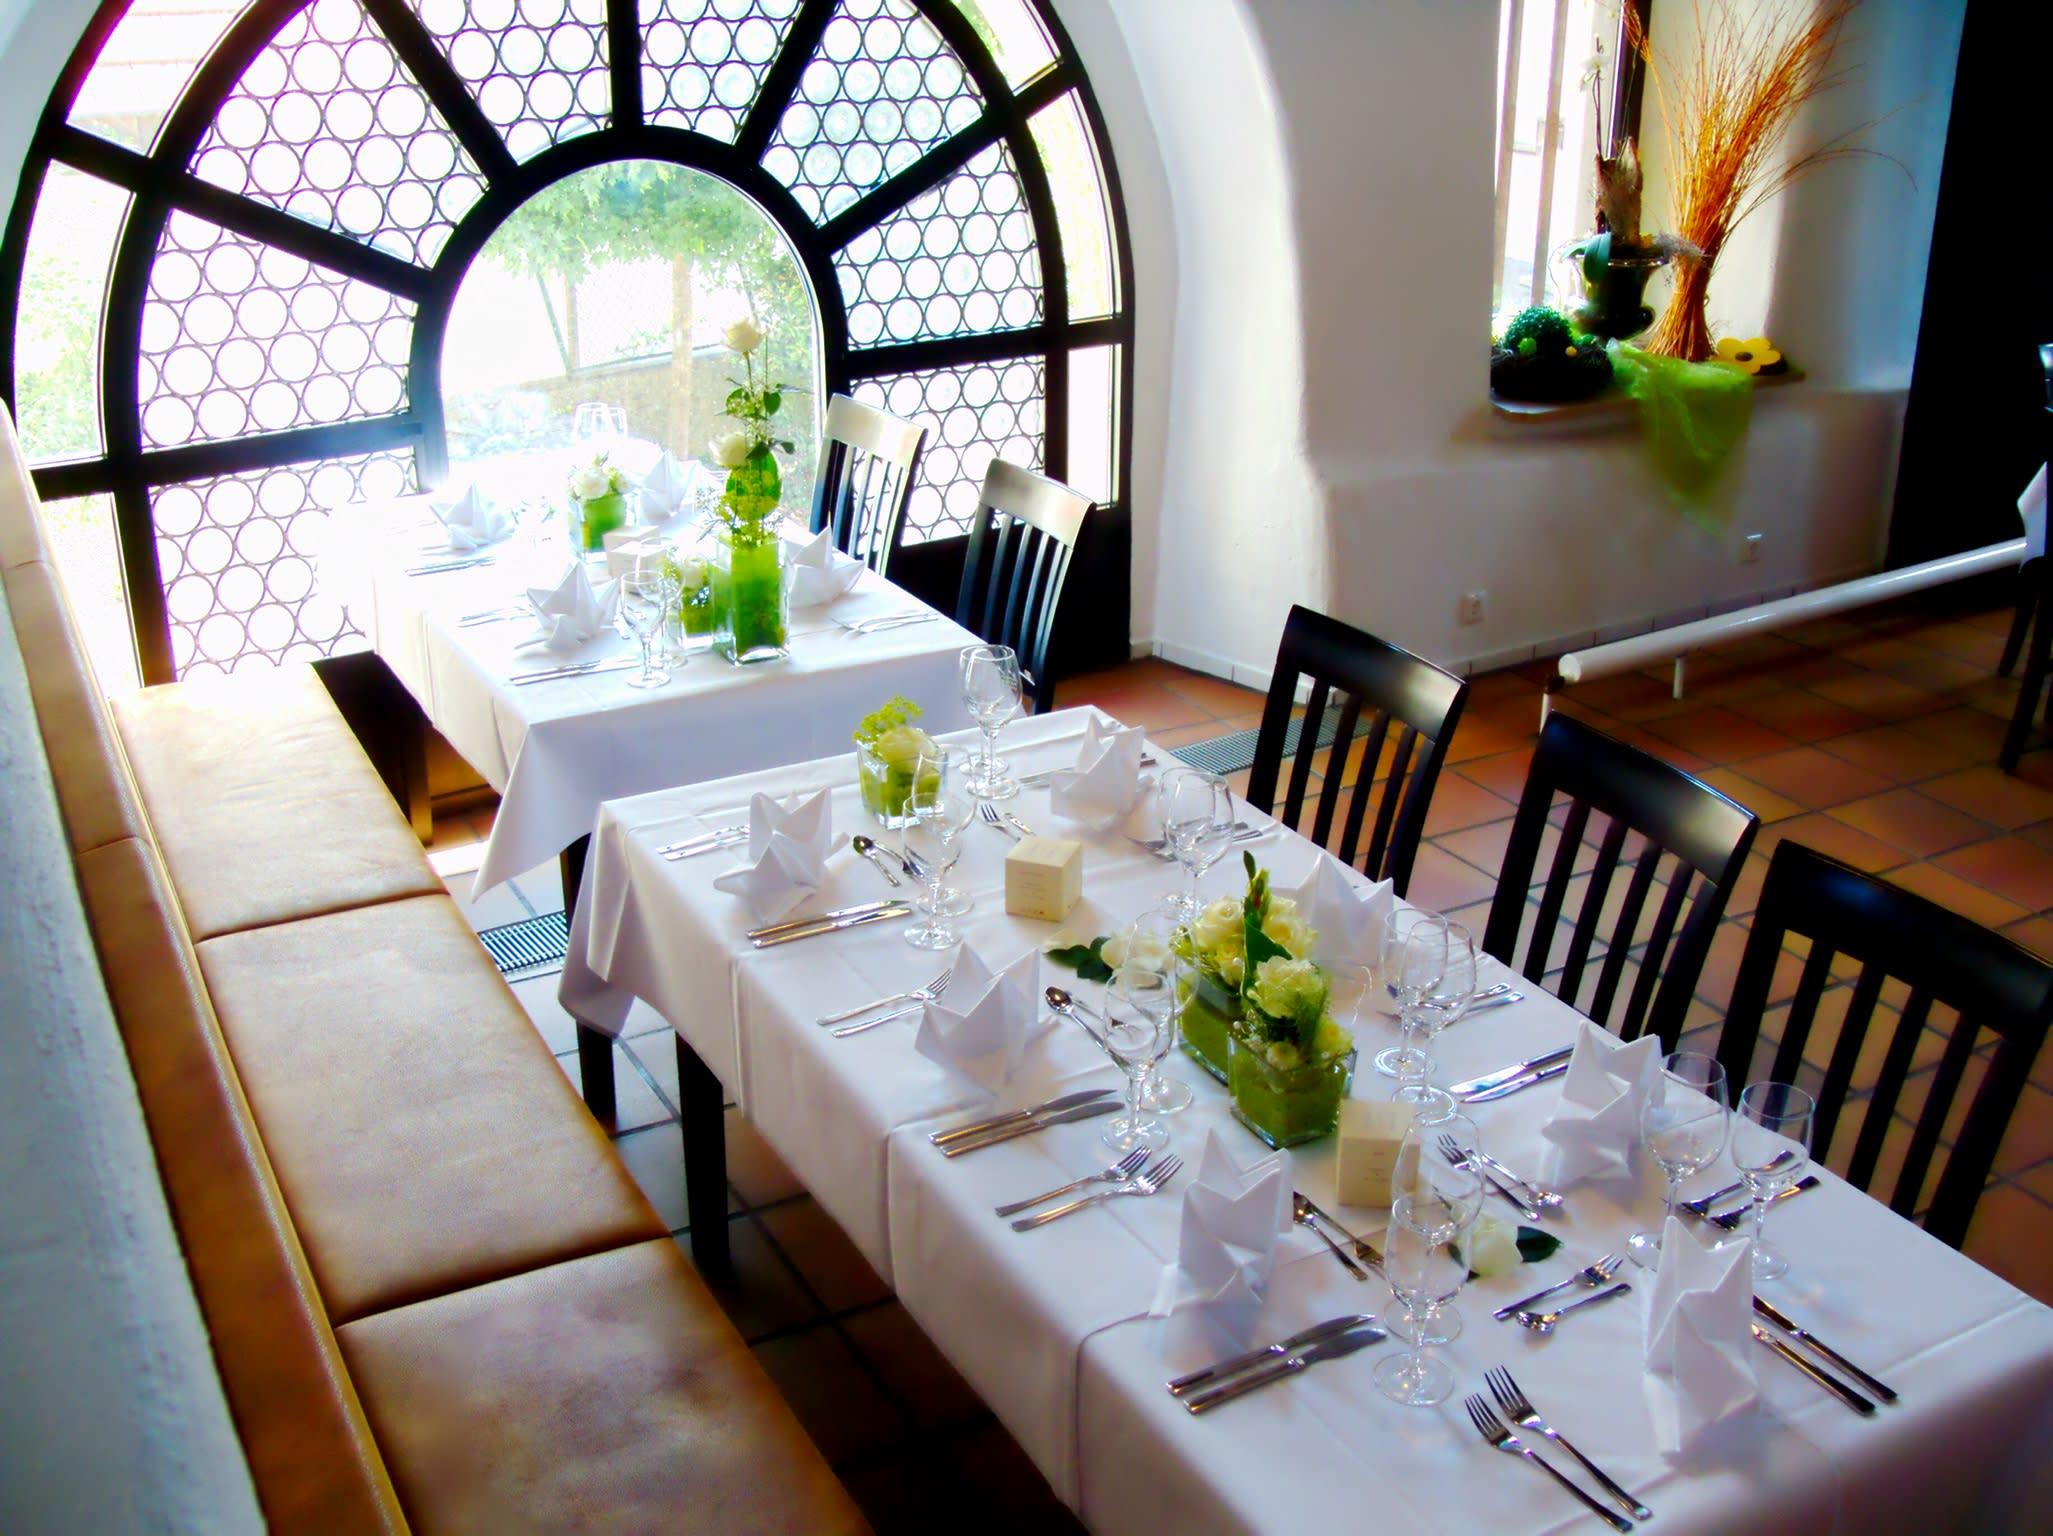 Tisch vor Fenster